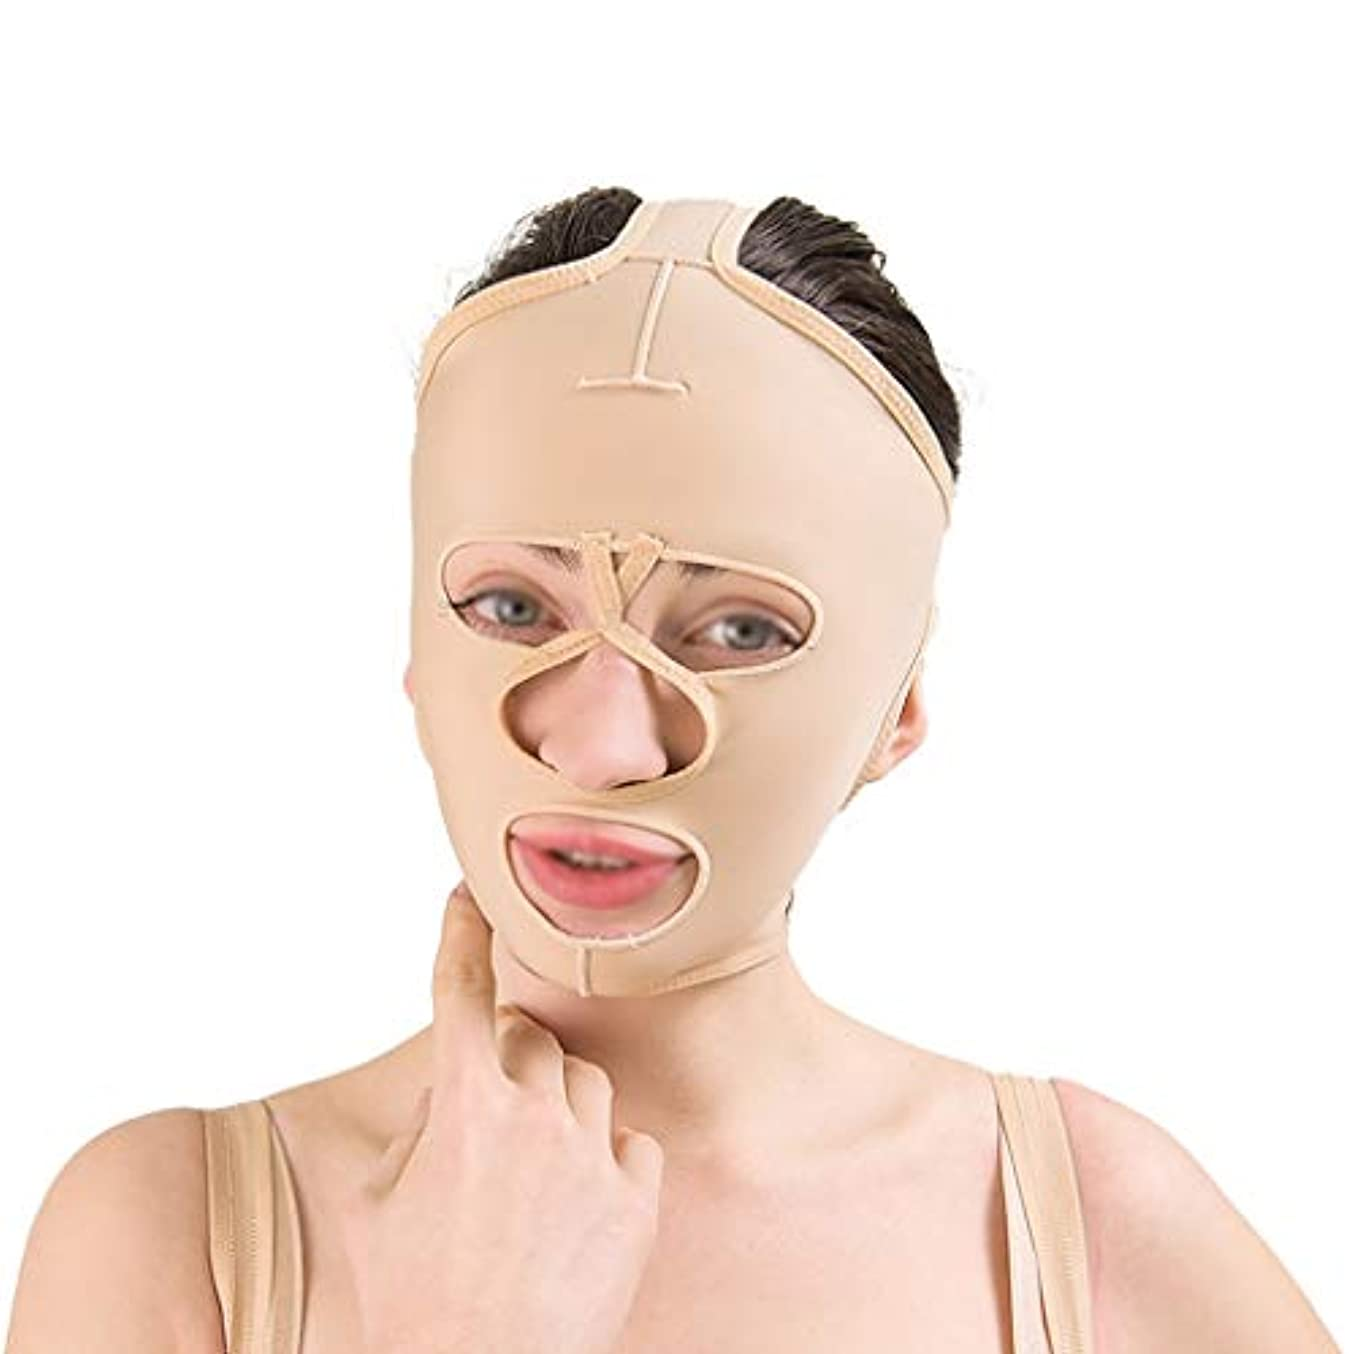 標準偽強いXHLMRMJ フェイシャルリフティングツール、フェイシャルビューティリフティングマスク、通気性のあるファーミングリフティングフェイシャル包帯、フェイシャルタイトバンデージ (Size : XL)